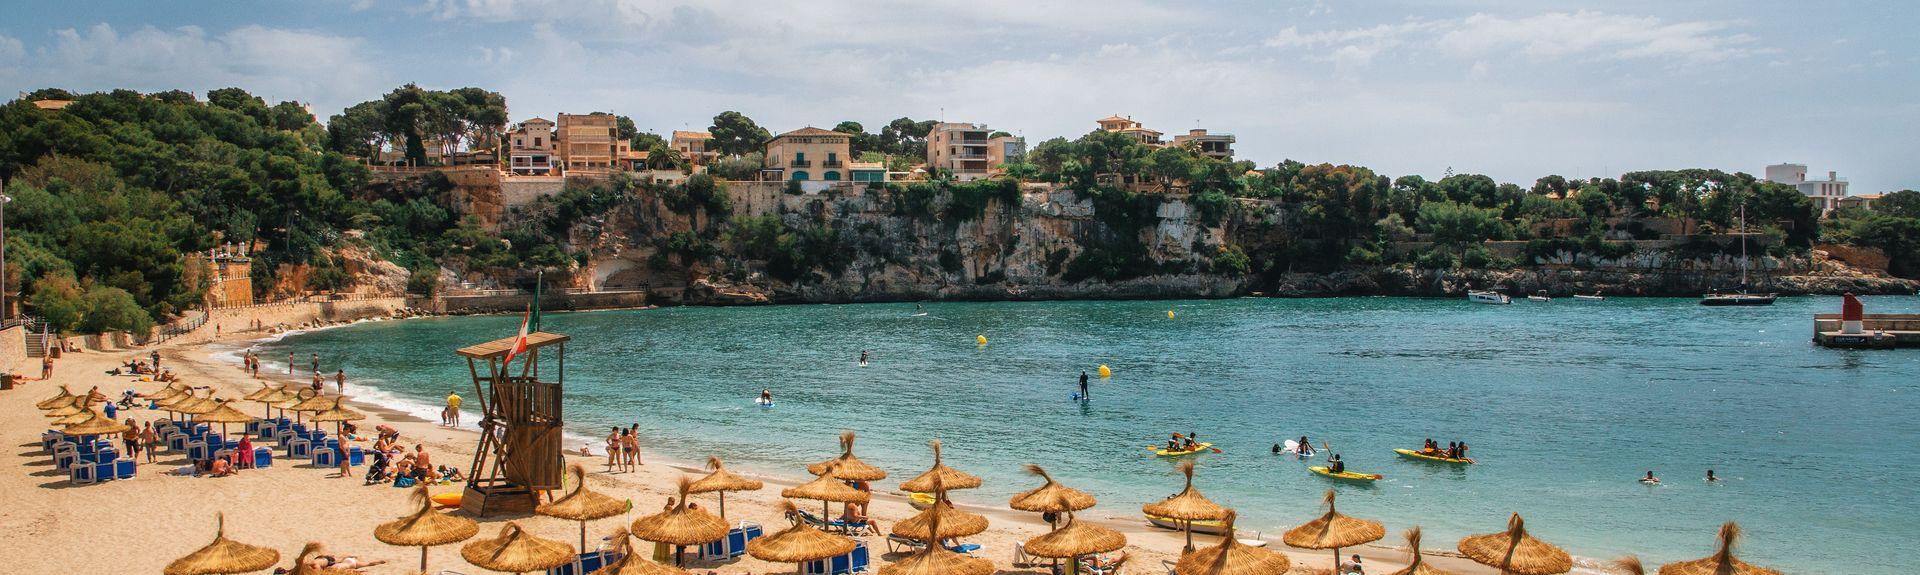 Manacor, Balearische Inseln, Spanien